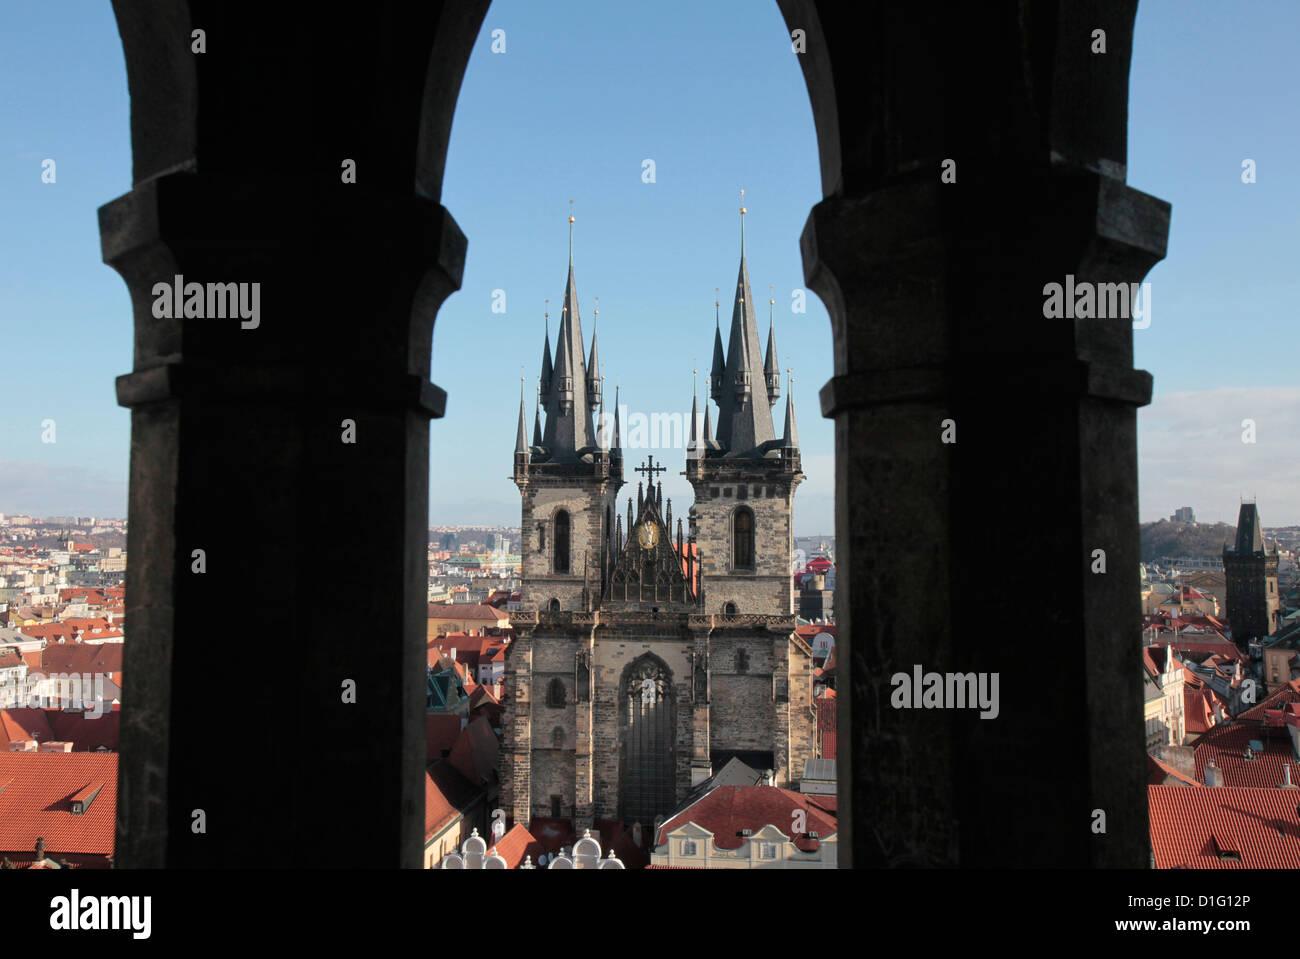 La Chiesa di Santa Maria di Týn sulla Piazza della Città Vecchia di Praga, Repubblica Ceca, Europa Immagini Stock